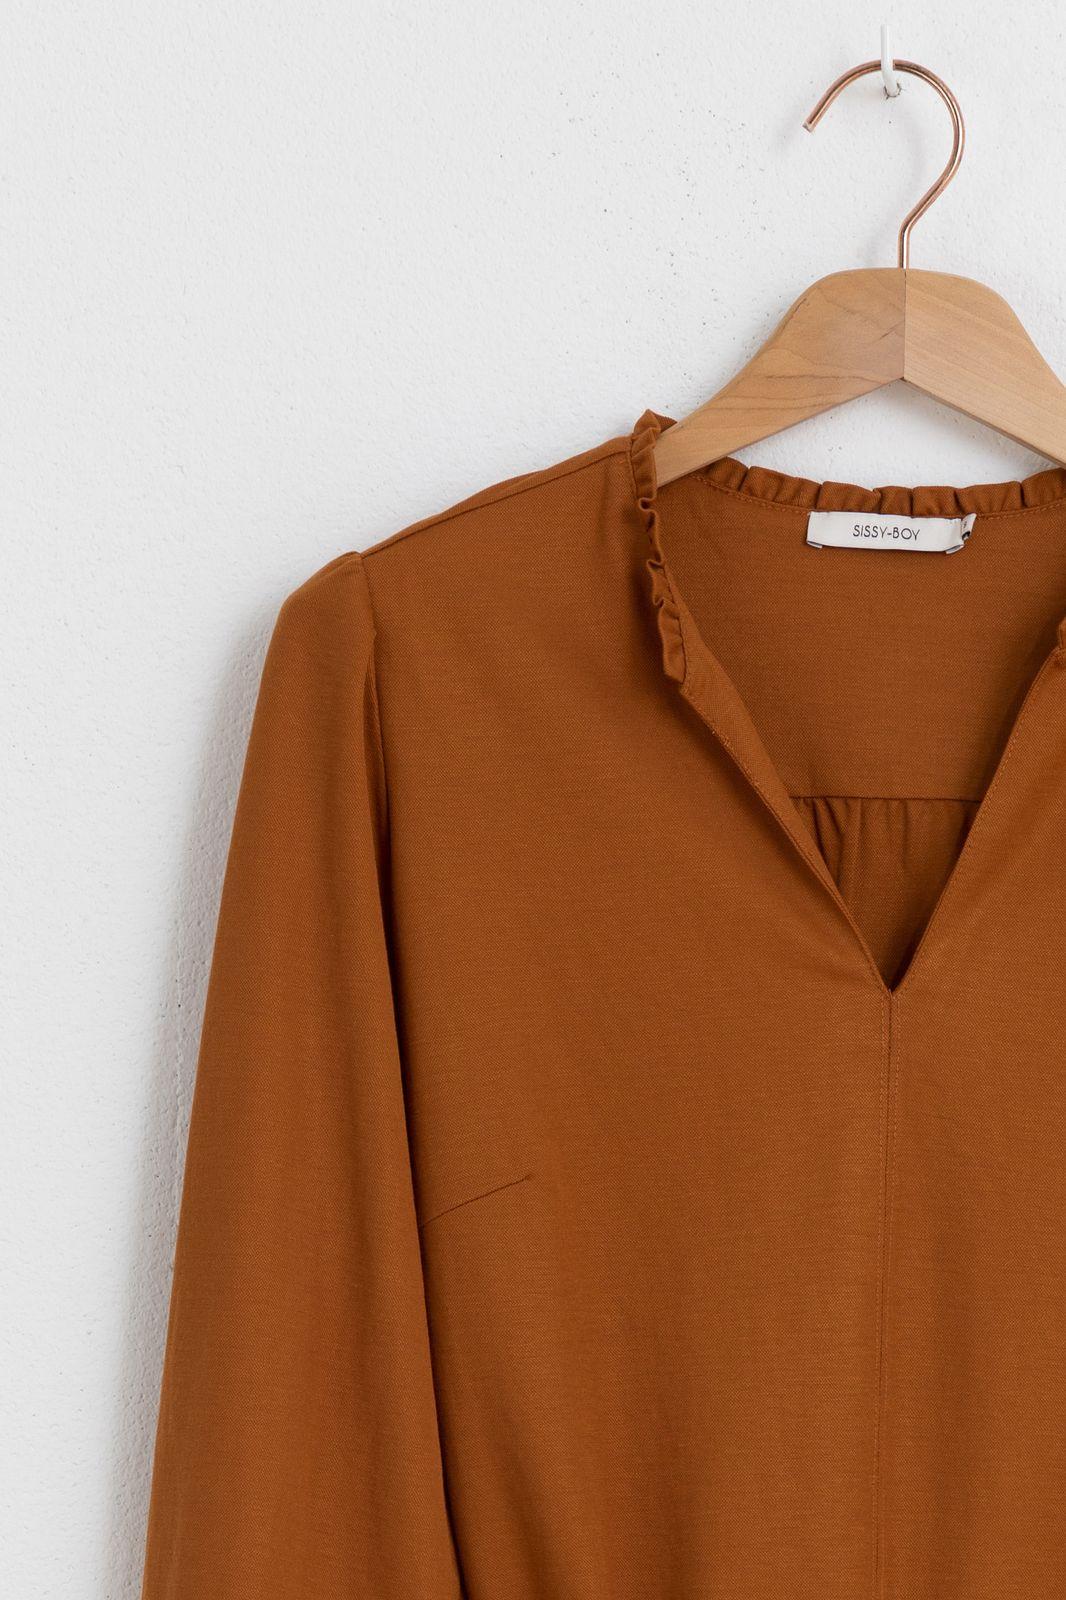 Oranje/bruine jurk met ceintuur